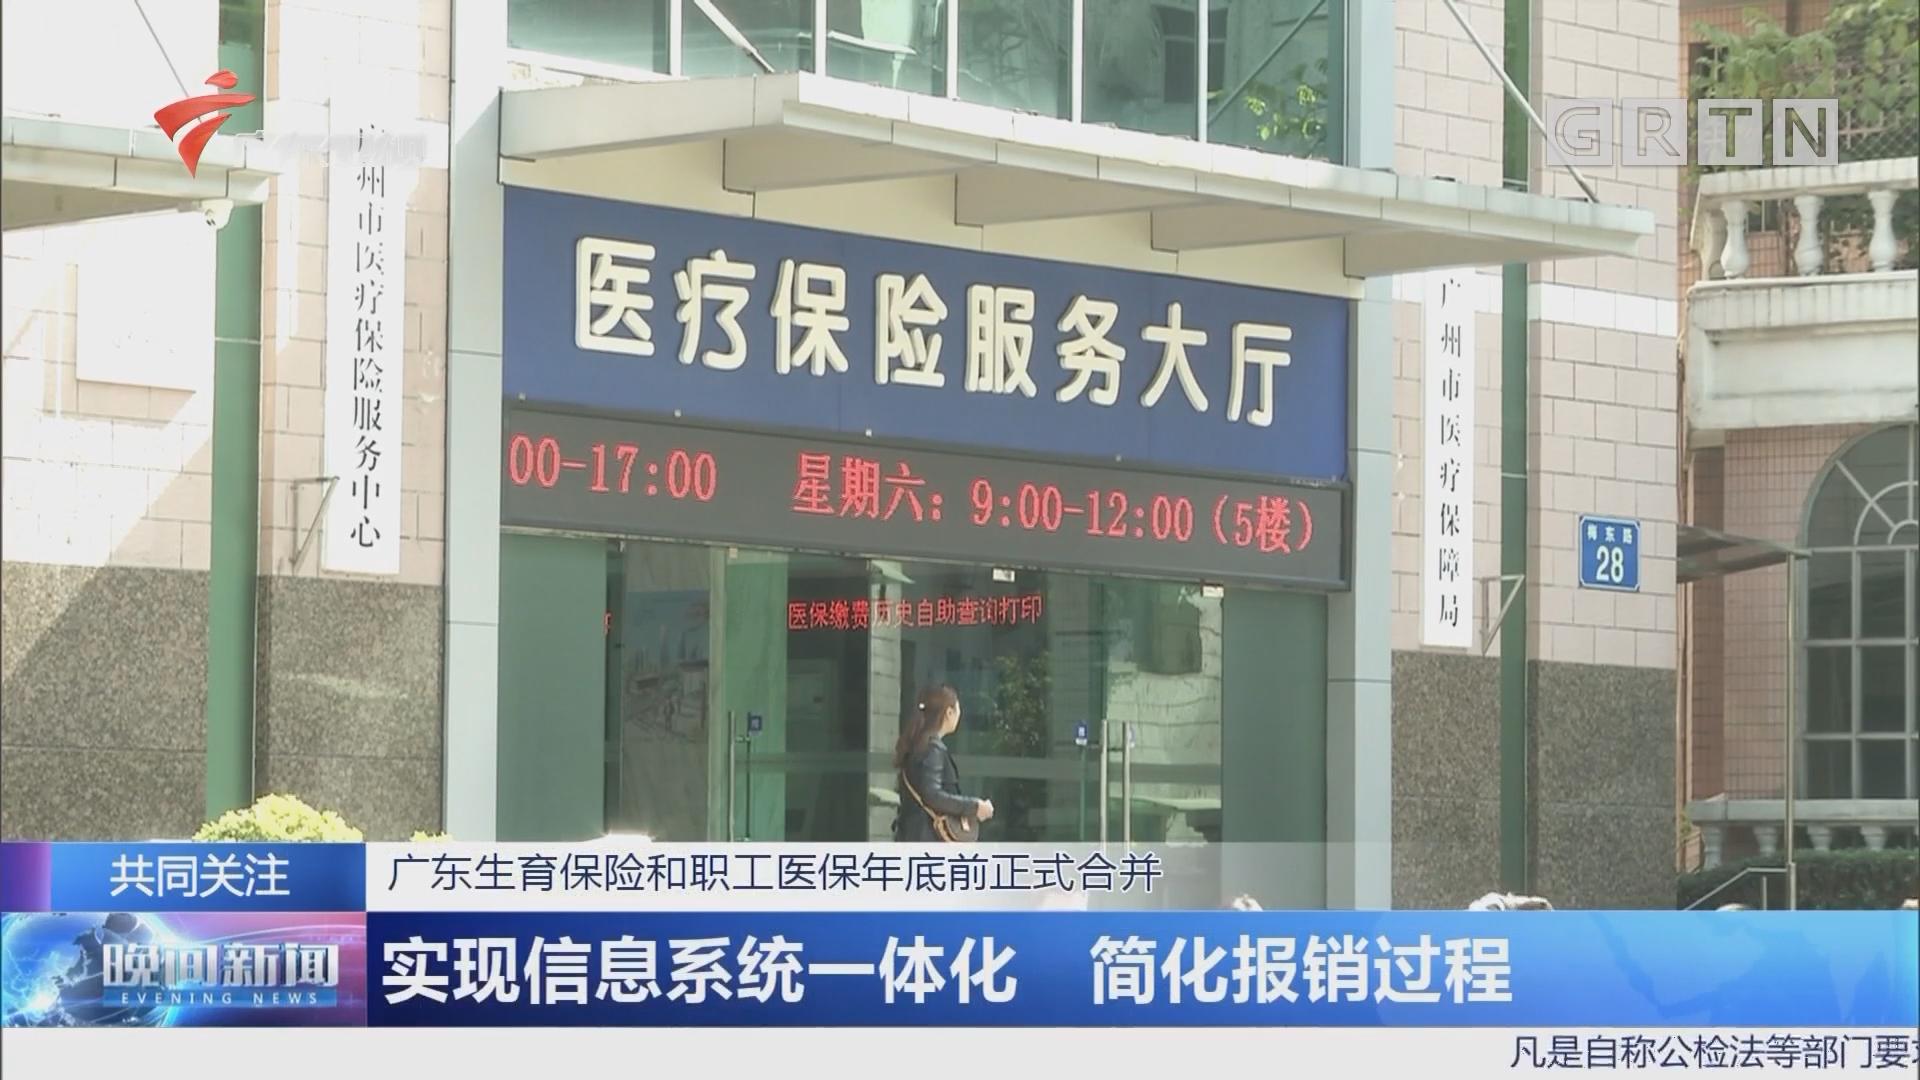 广东生育保险和职工医保年底前正式合并:实现信息系统一体化 简化报销过程